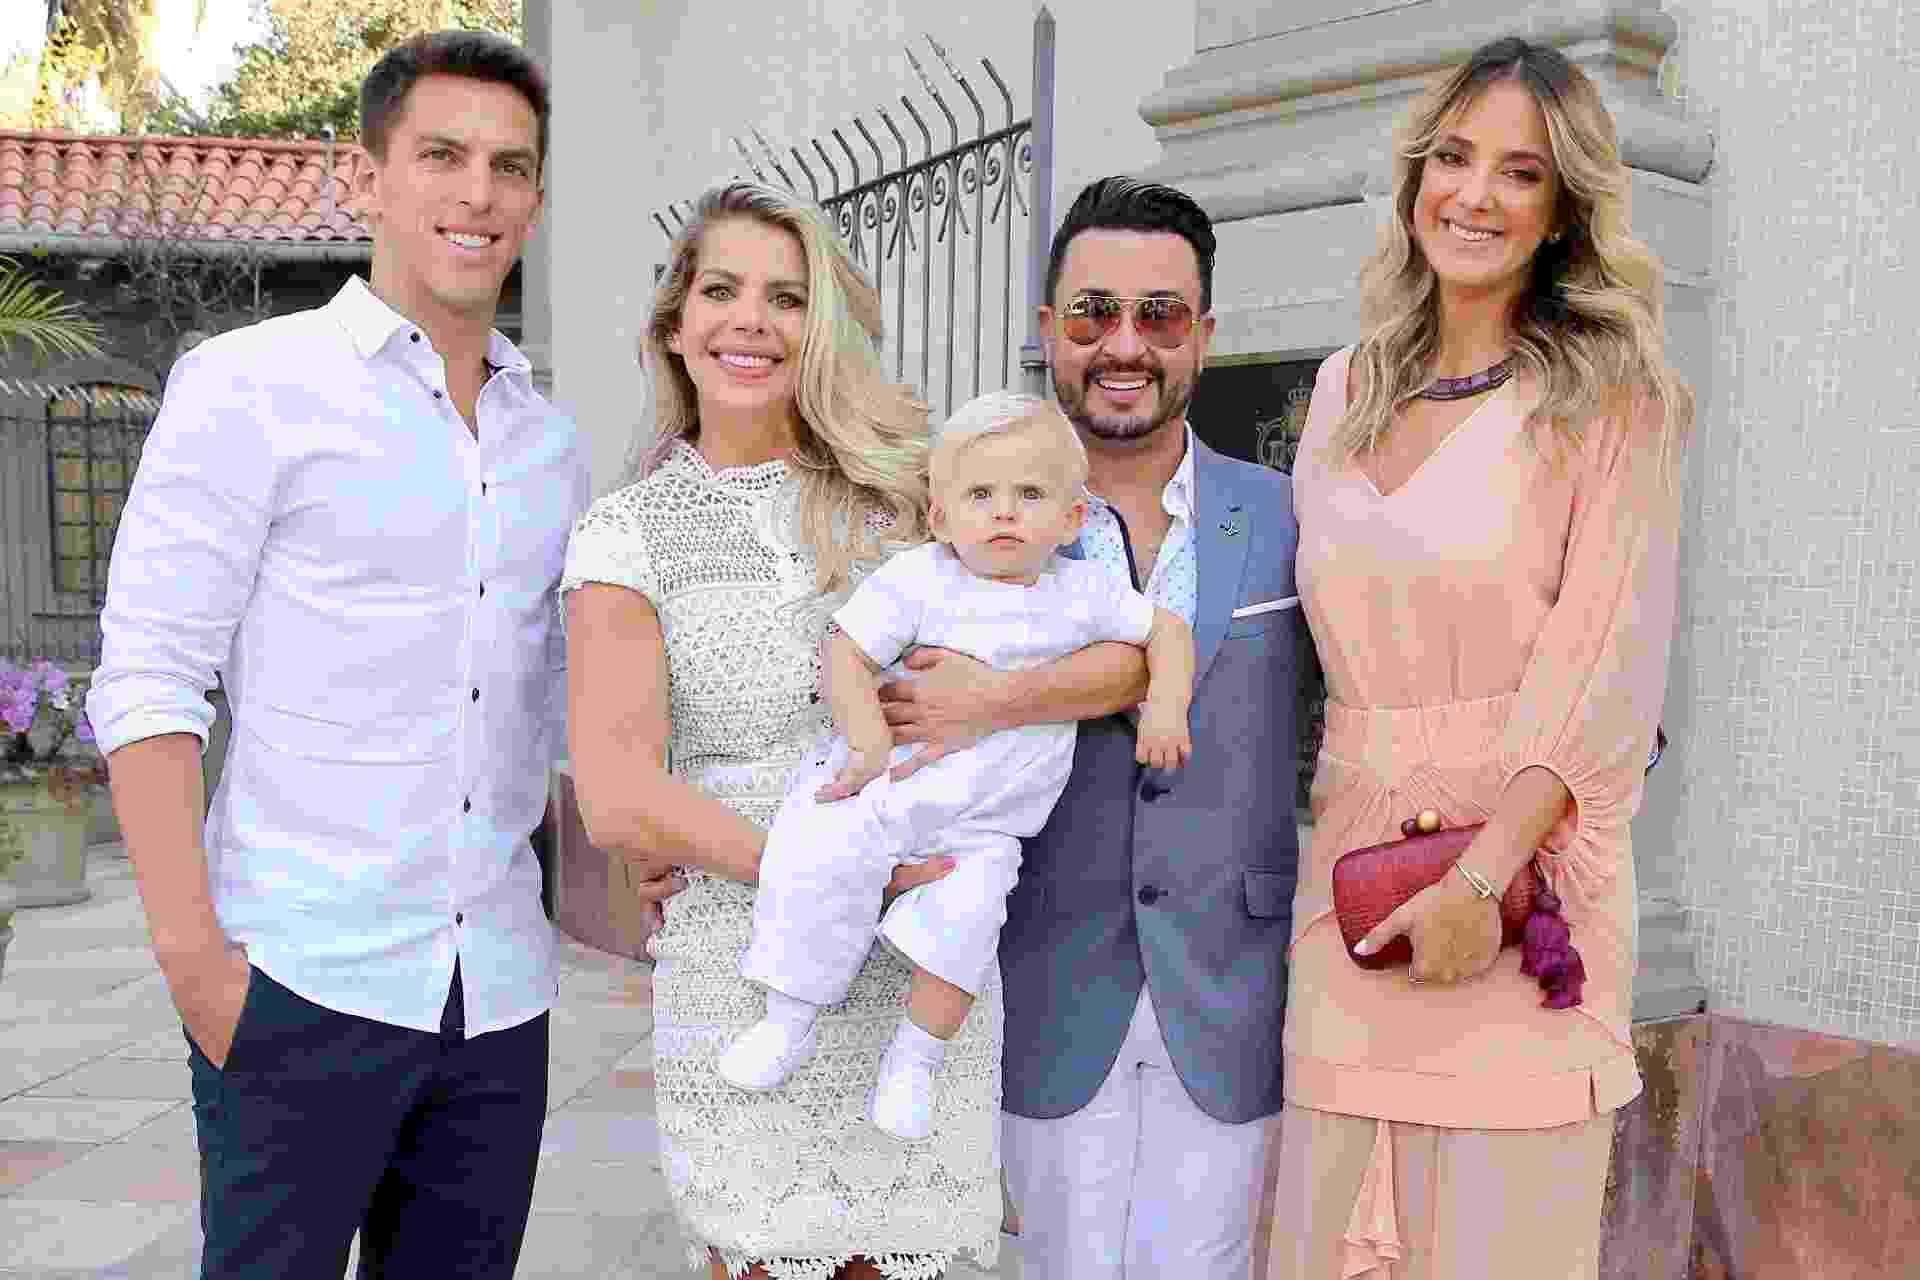 Amaury Nunes, Karina Bacchi posam ao lado dos padrinhos de Enrico, a apresentadora Ticiane Pinheiro e o cabeleireiro Fabinho Araujo - Manuela Scarpa/Brazil News